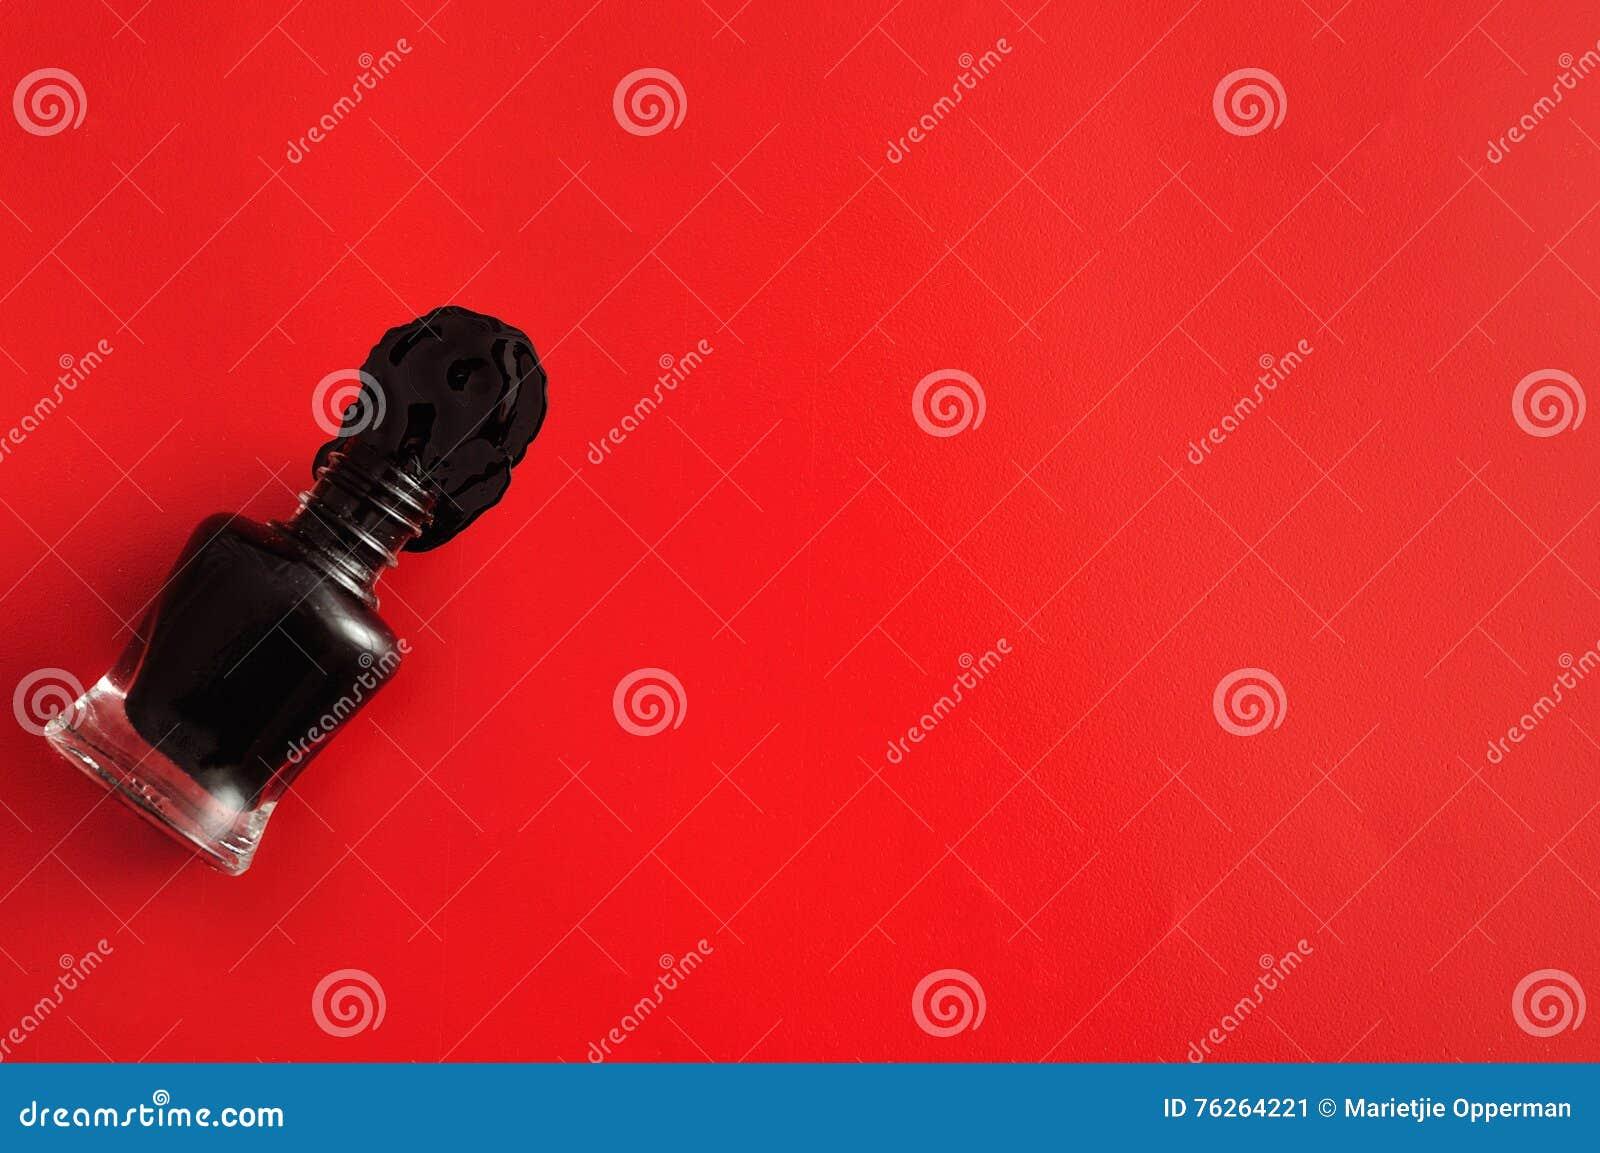 Eine Offene Flasche Schwarzer Nagellack Stockbild - Bild von ...